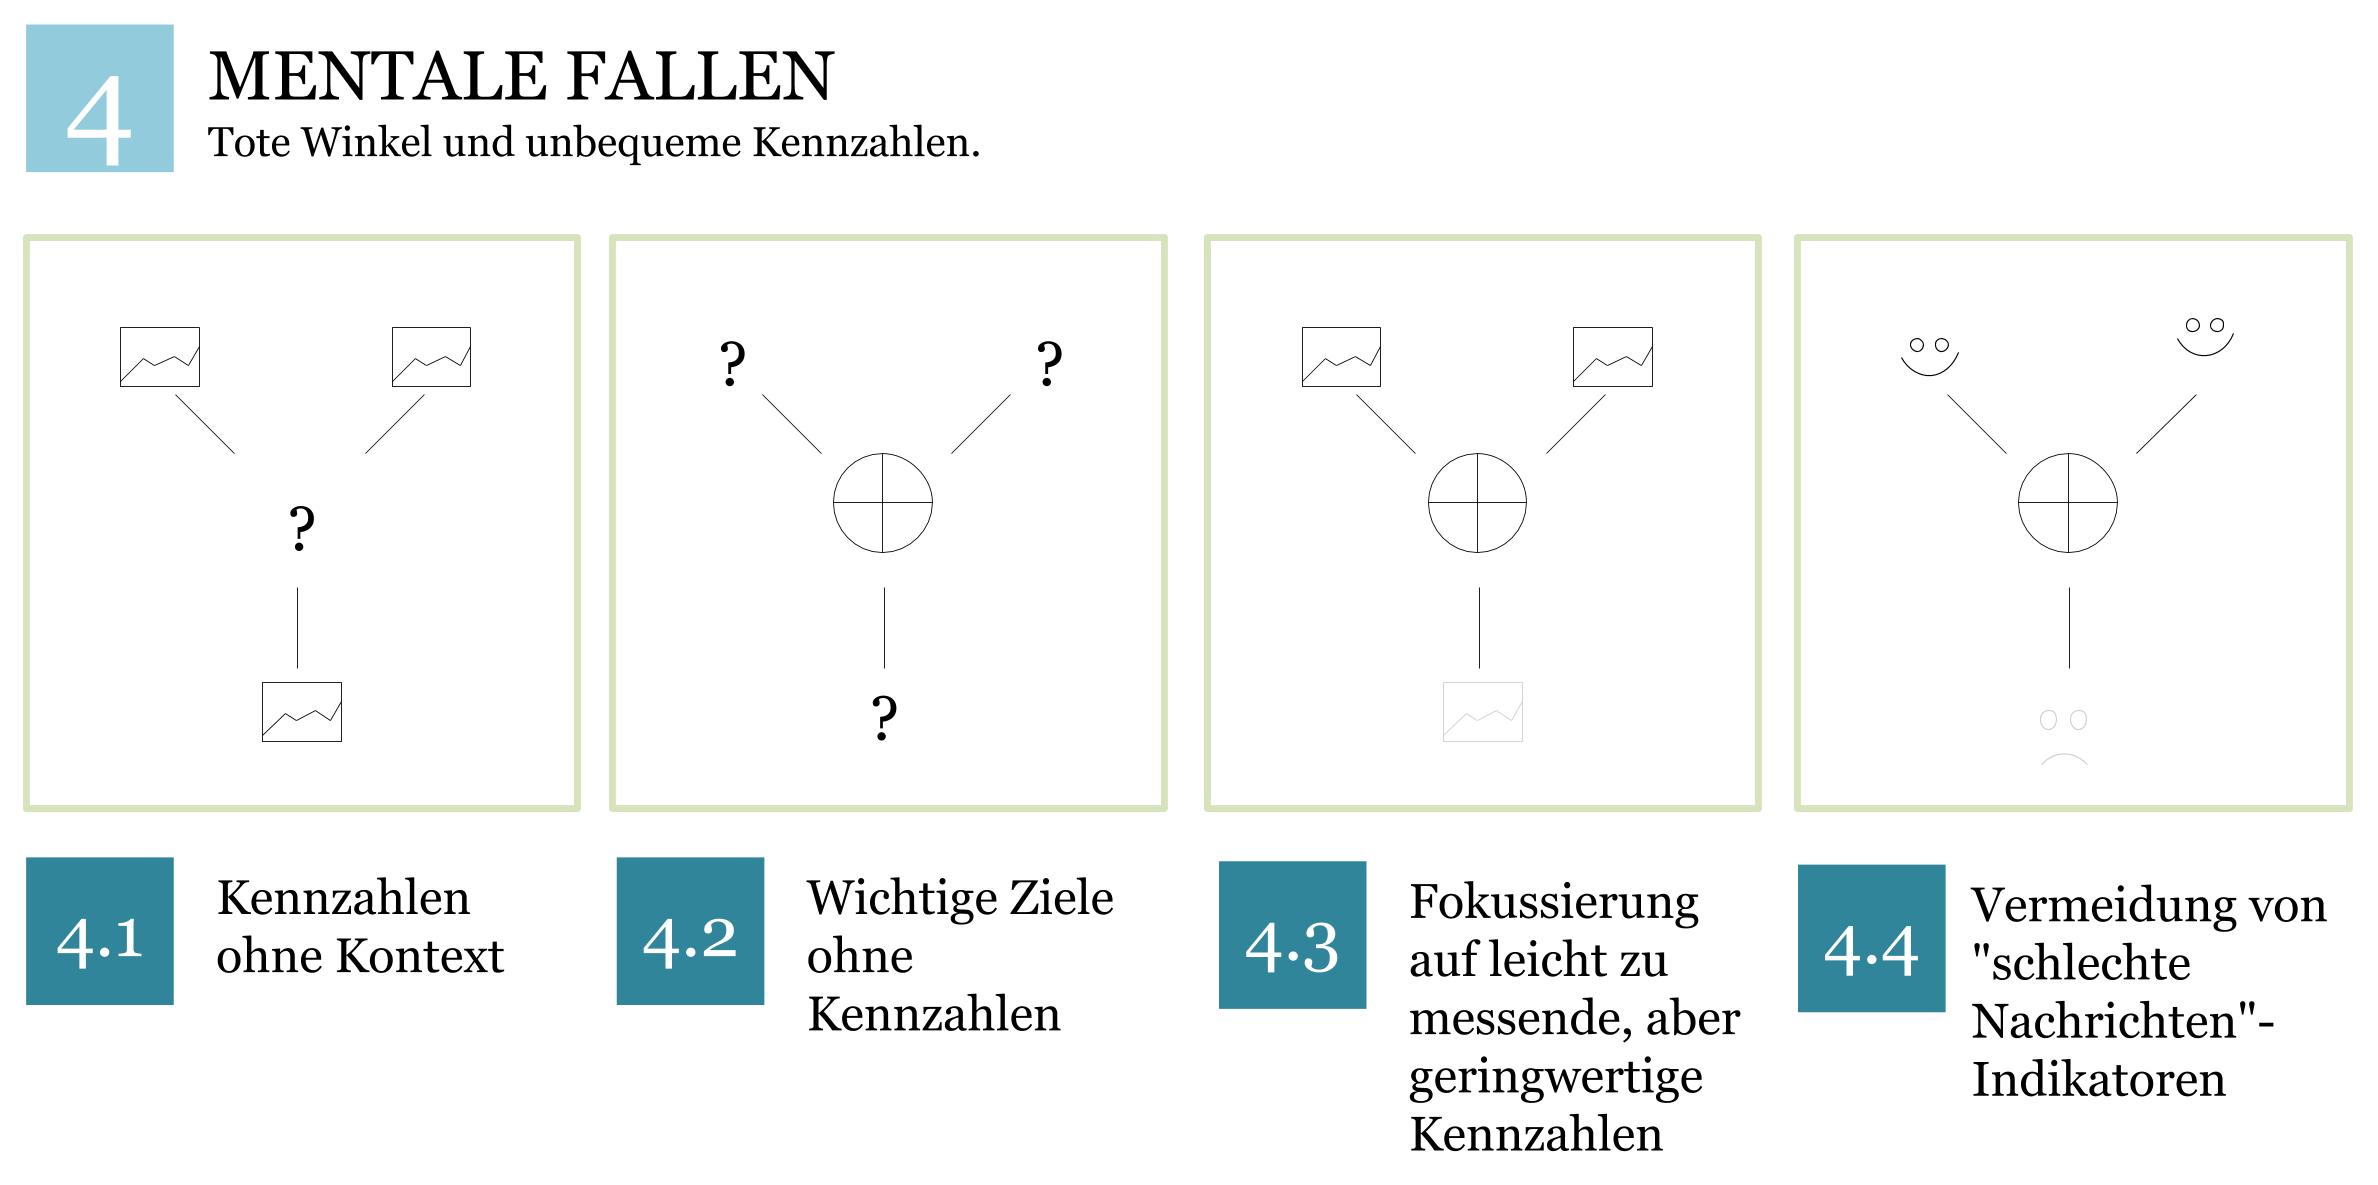 Mentale Fallen KPI-System